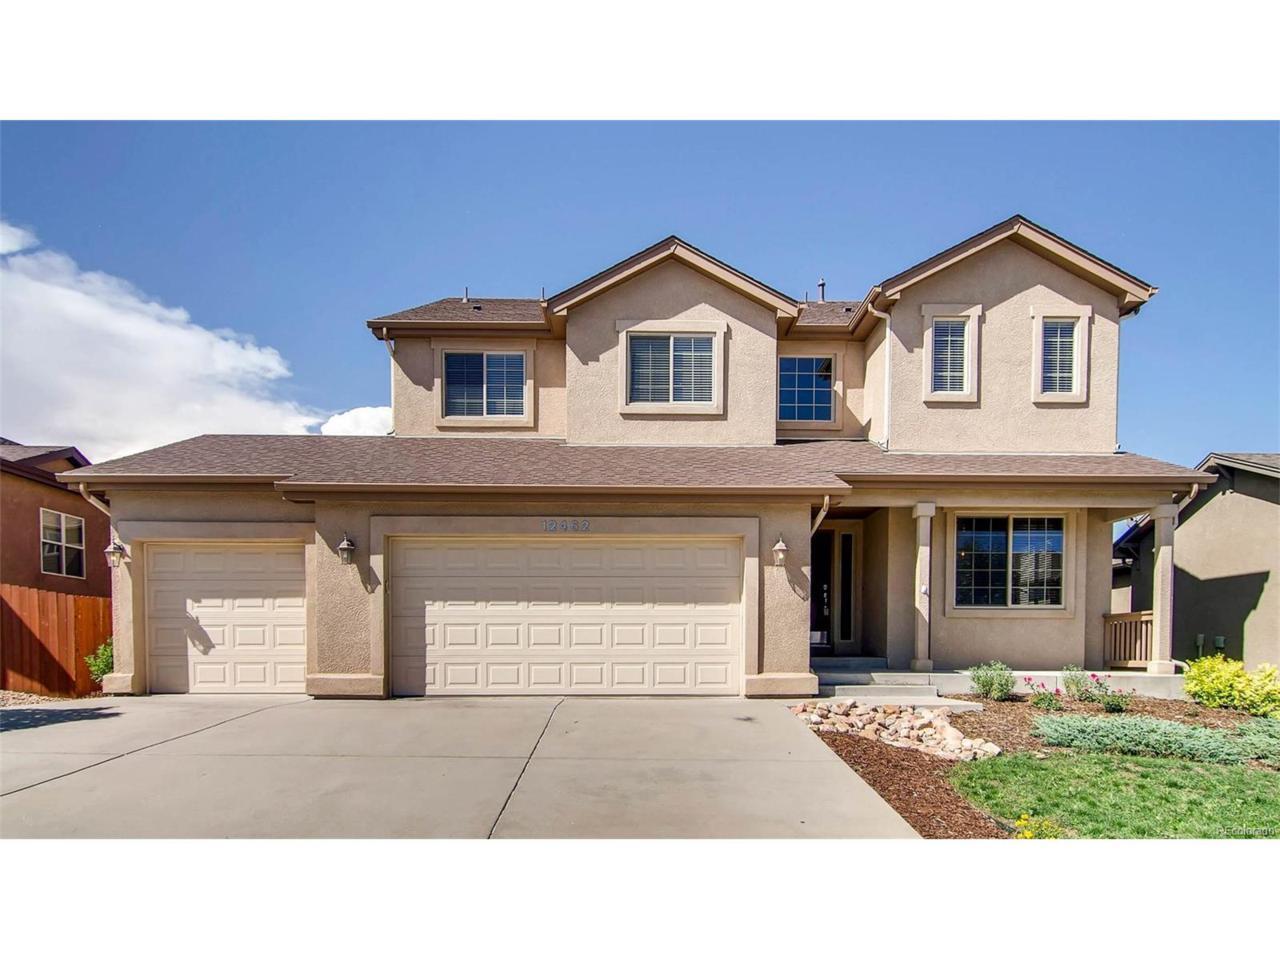 12462 Mount Belford Way, Peyton, CO 80831 (MLS #8276623) :: 8z Real Estate